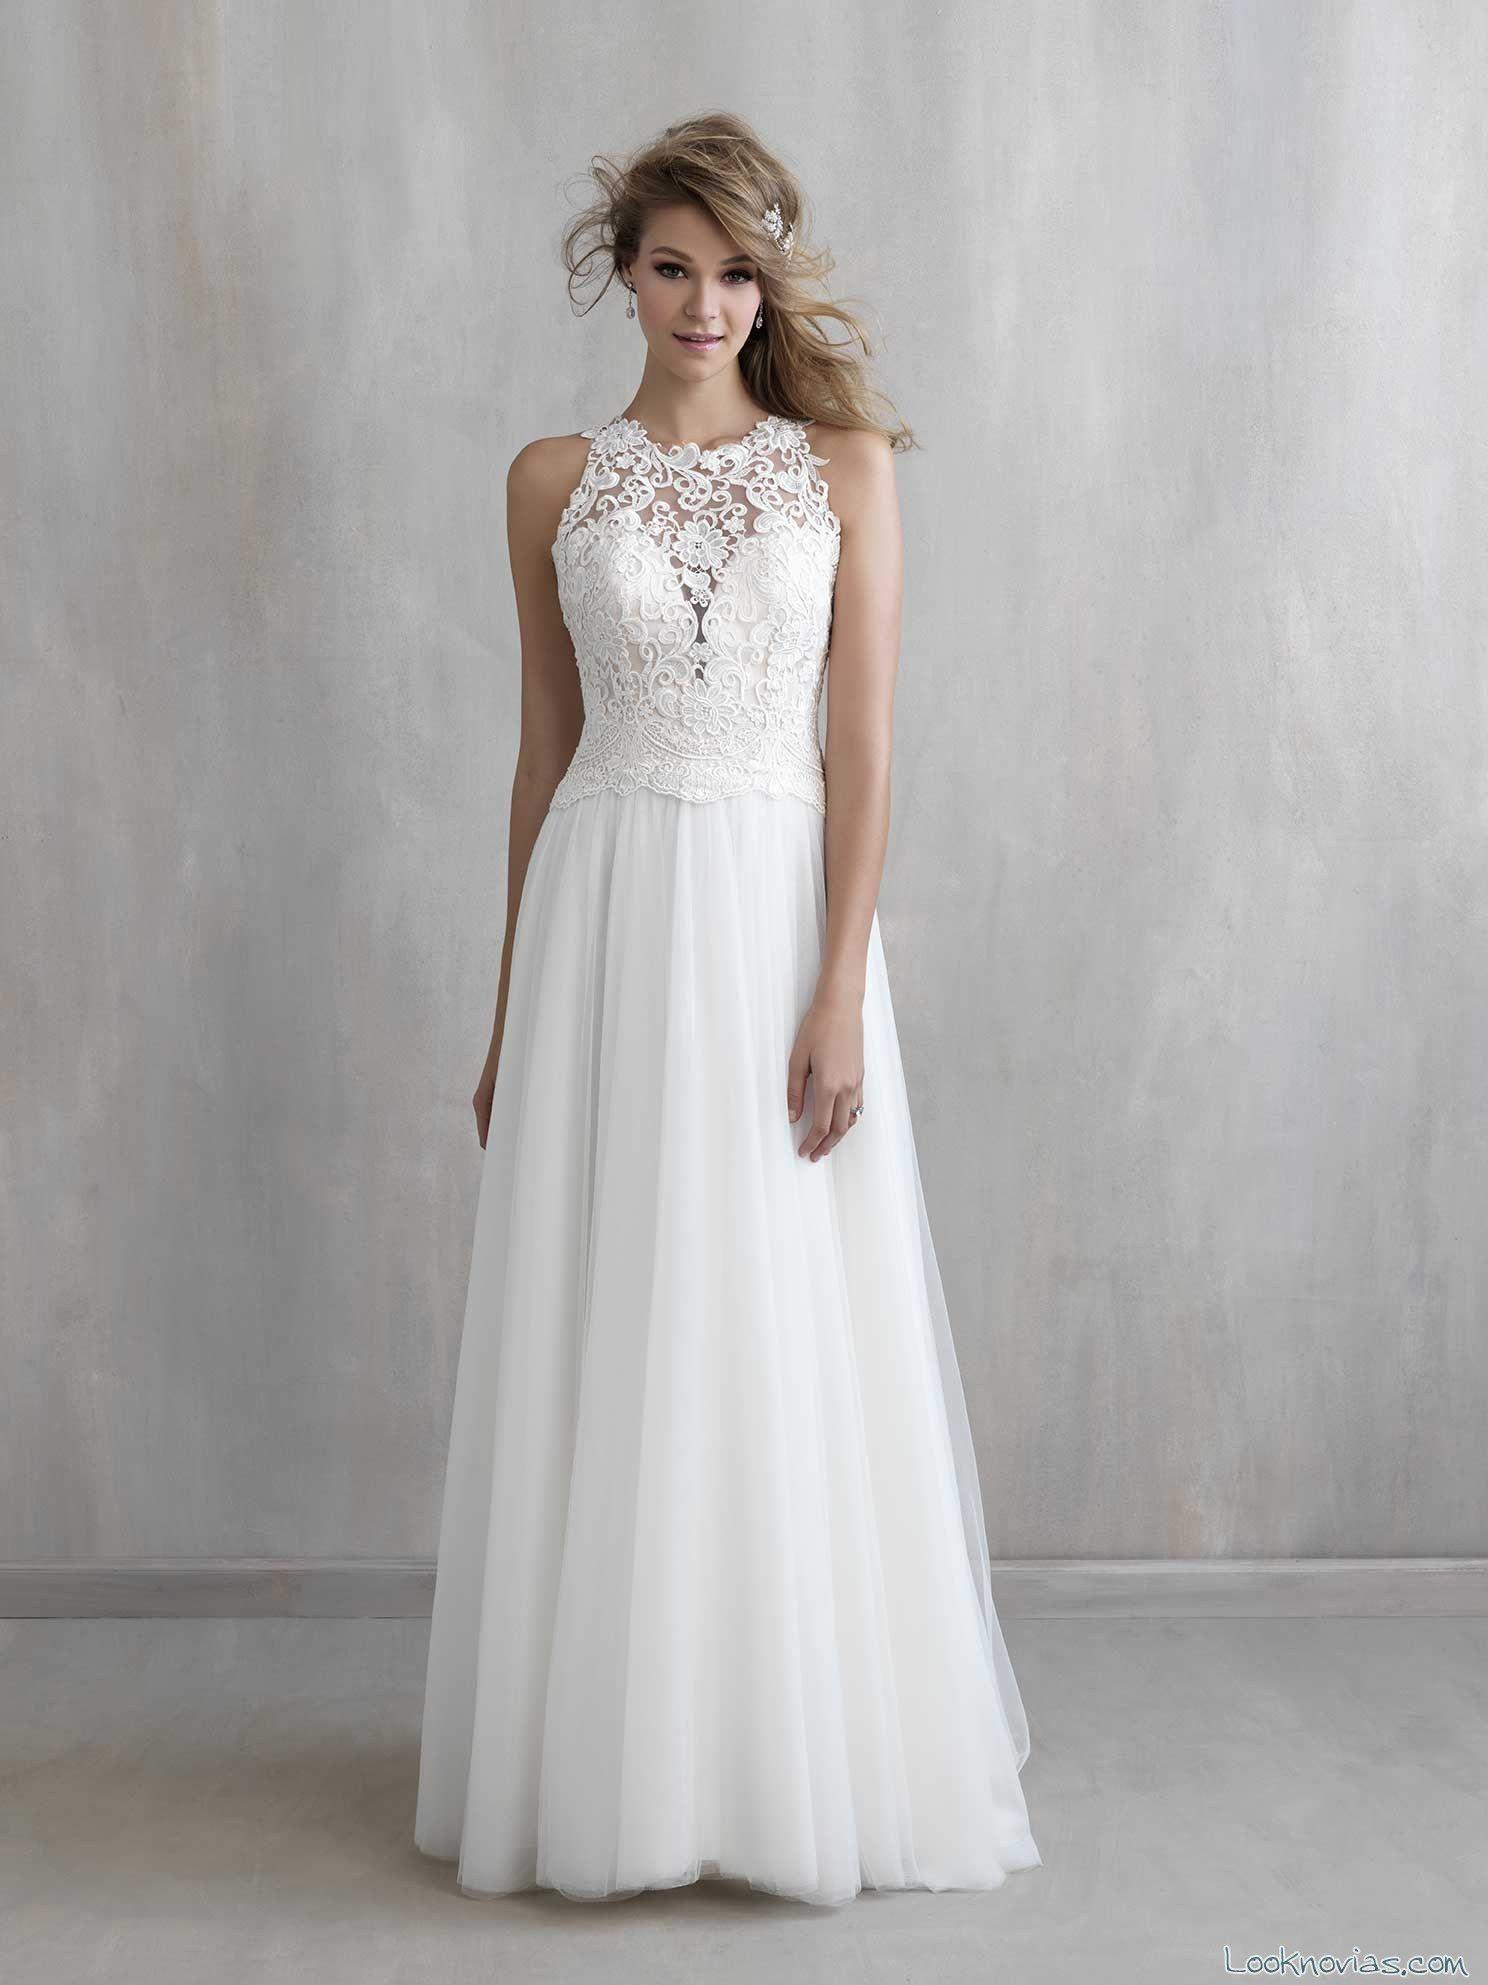 vestido blanco de novia de sencilla caída | Wedding | Pinterest ...